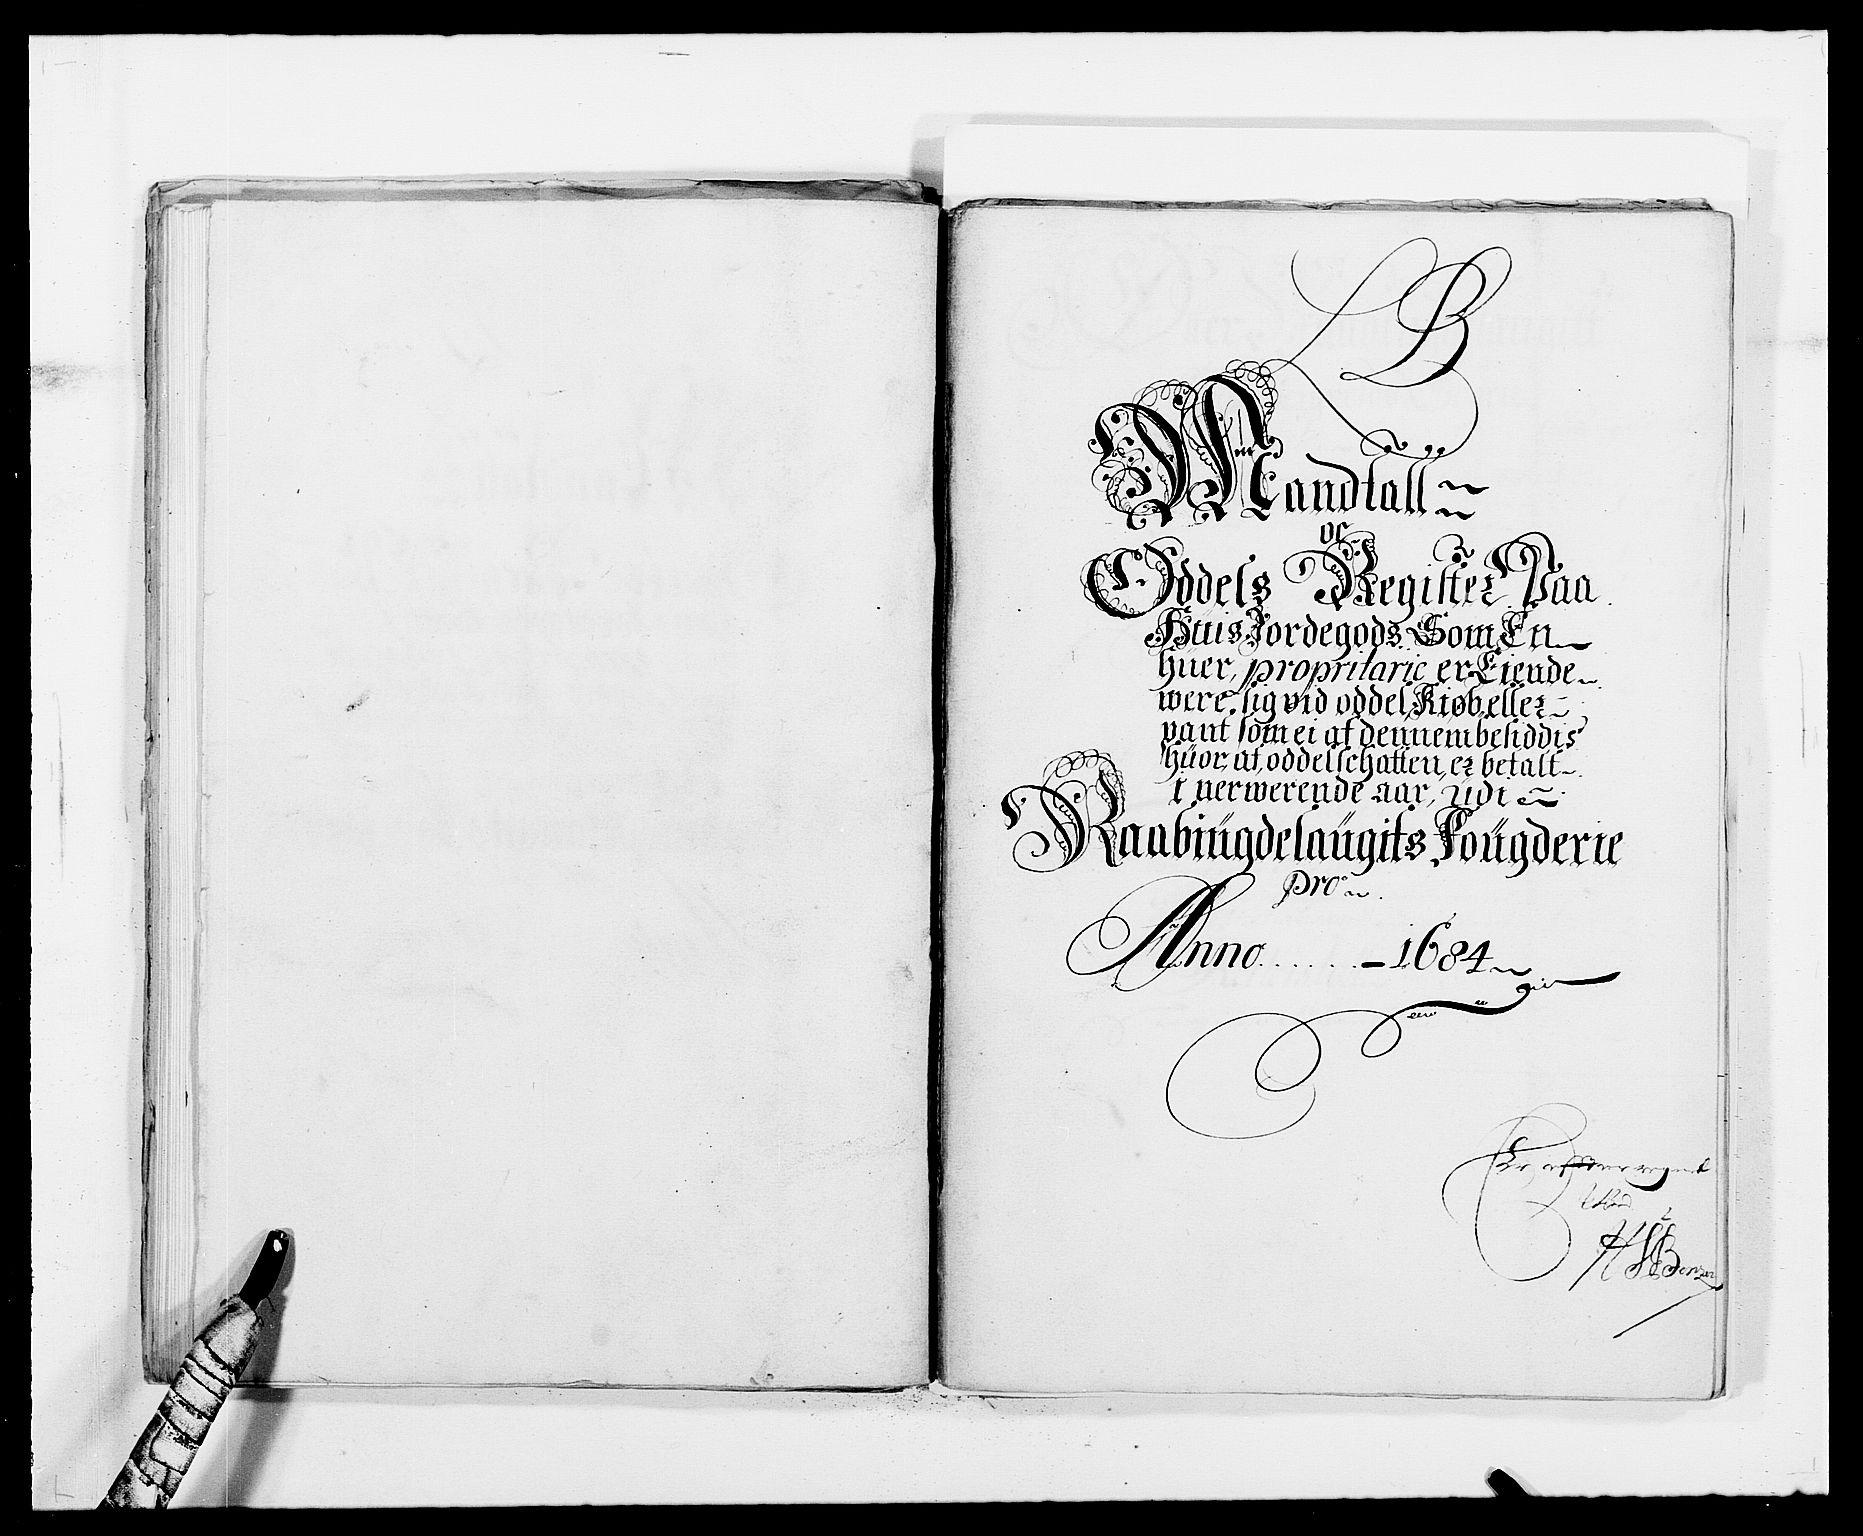 RA, Rentekammeret inntil 1814, Reviderte regnskaper, Fogderegnskap, R40/L2439: Fogderegnskap Råbyggelag, 1684-1685, s. 47